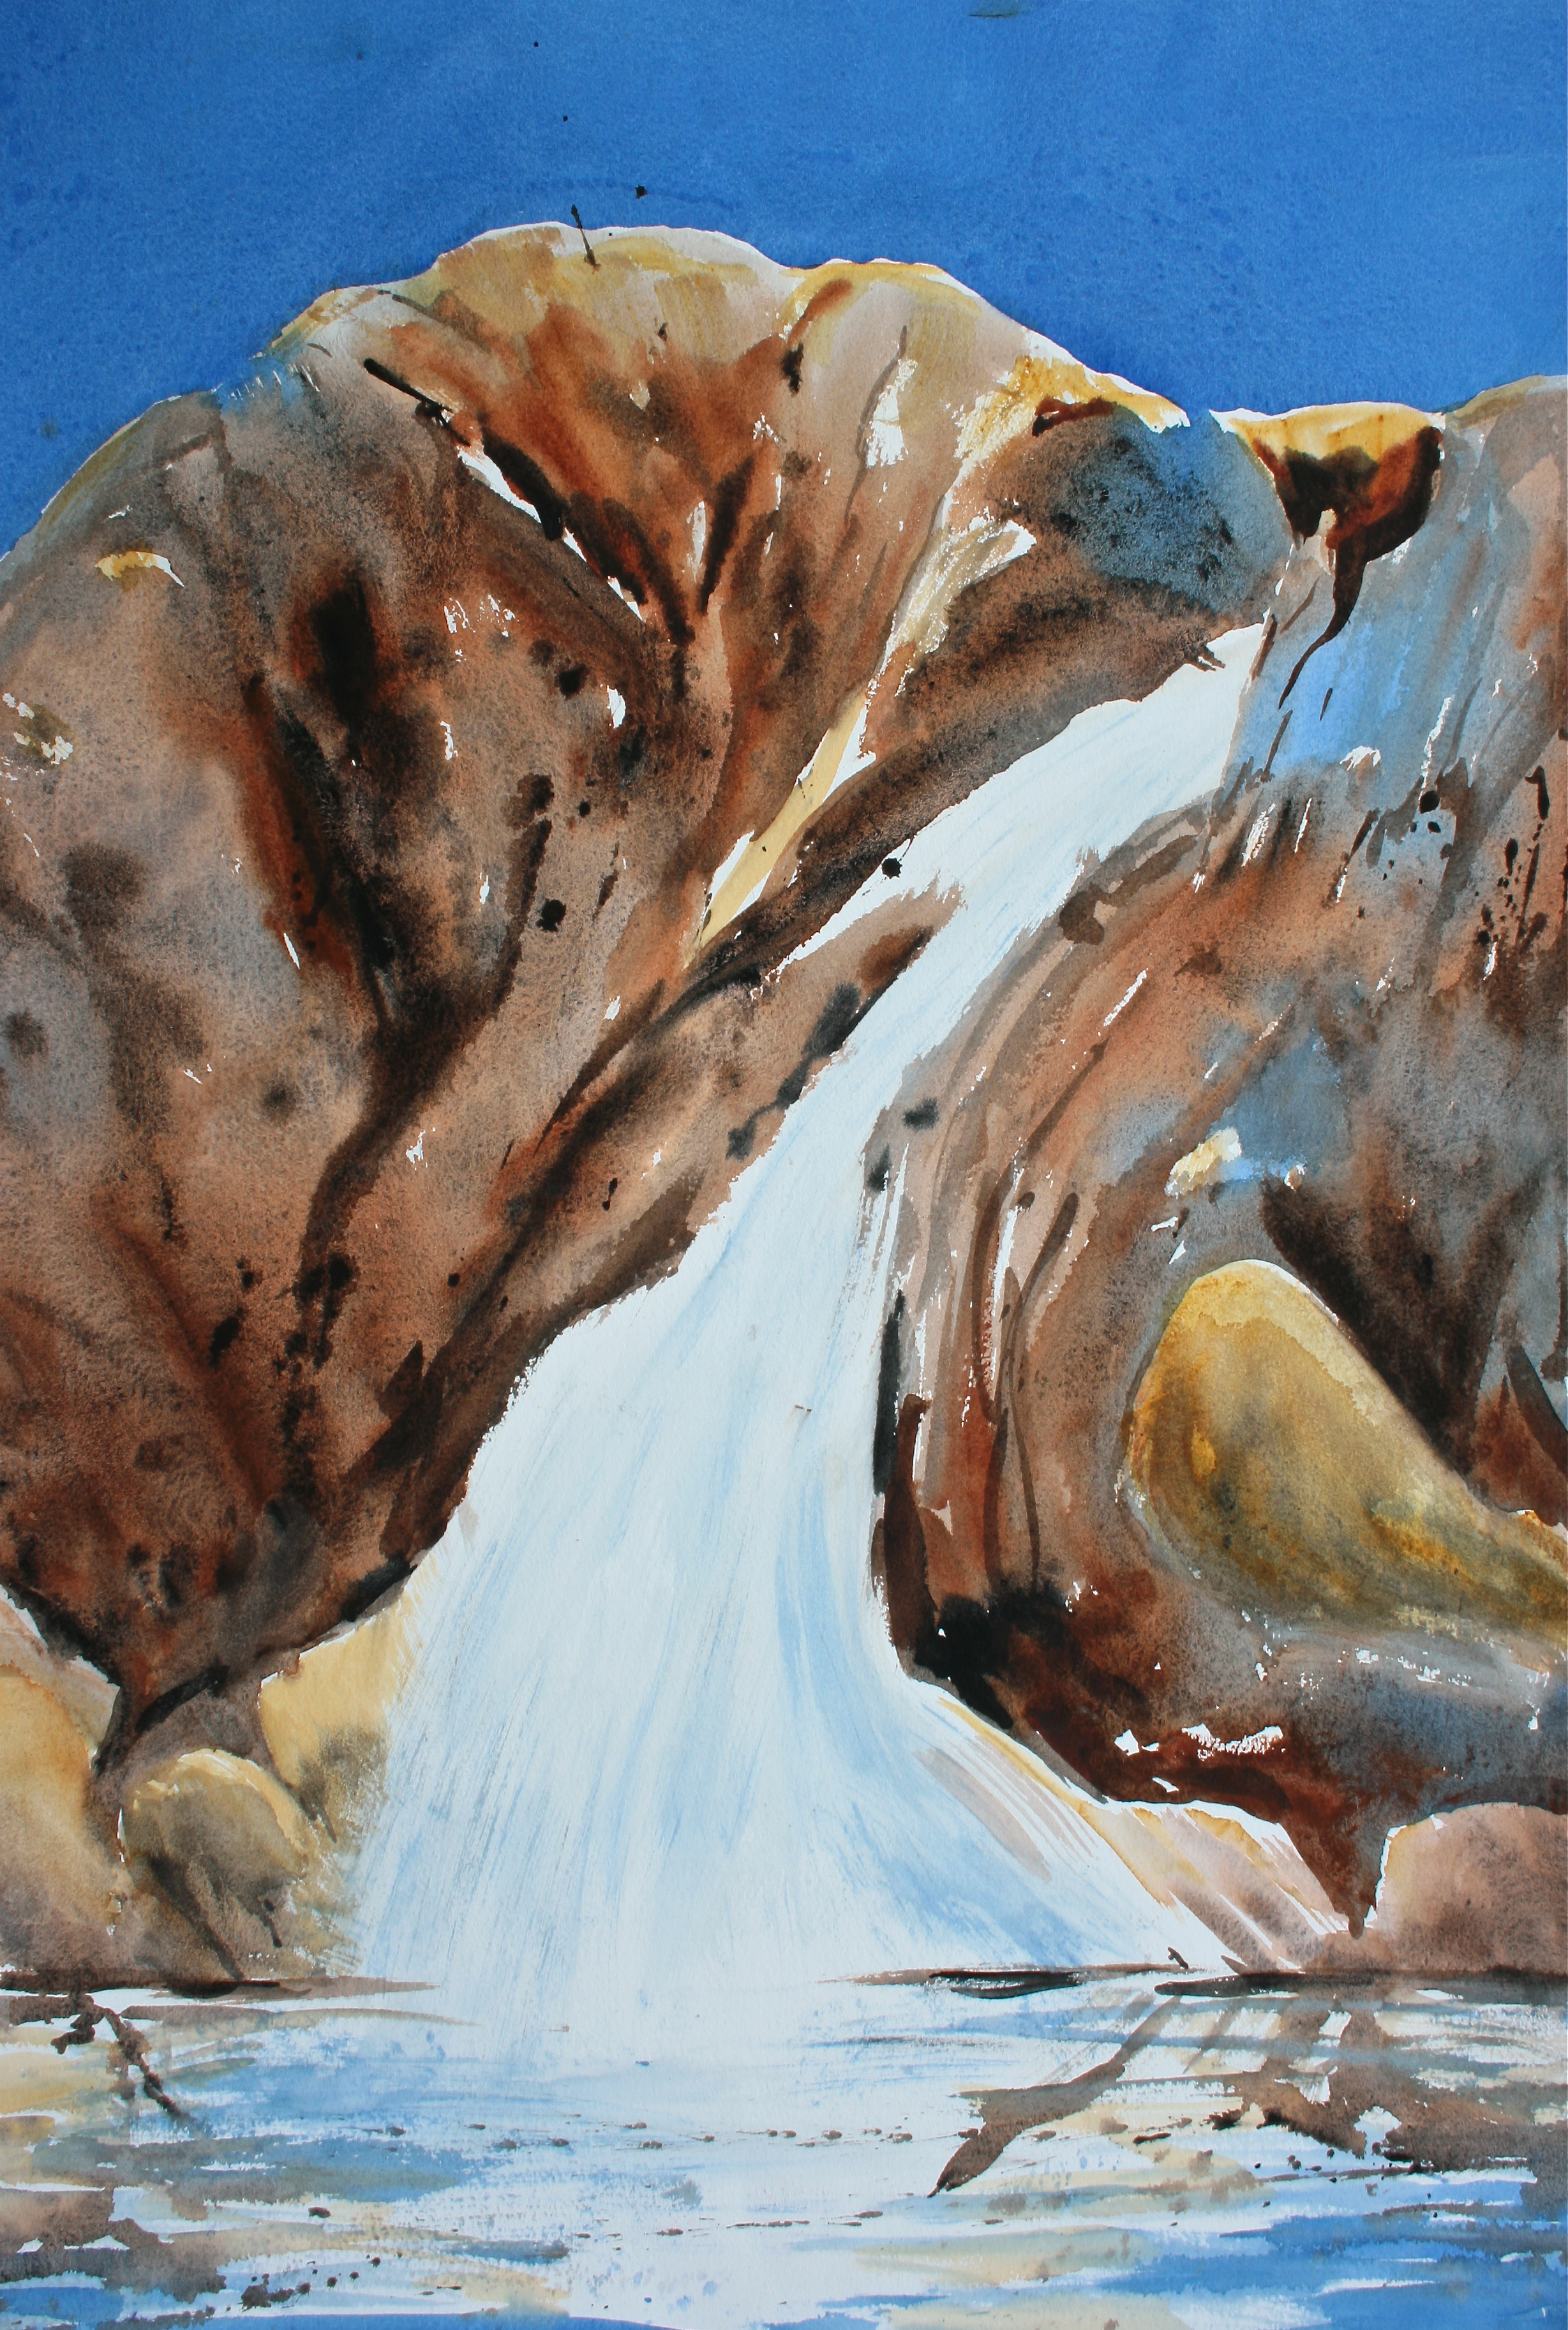 shizen, zen, nature beauty, watercolour waterfall debiriley.com